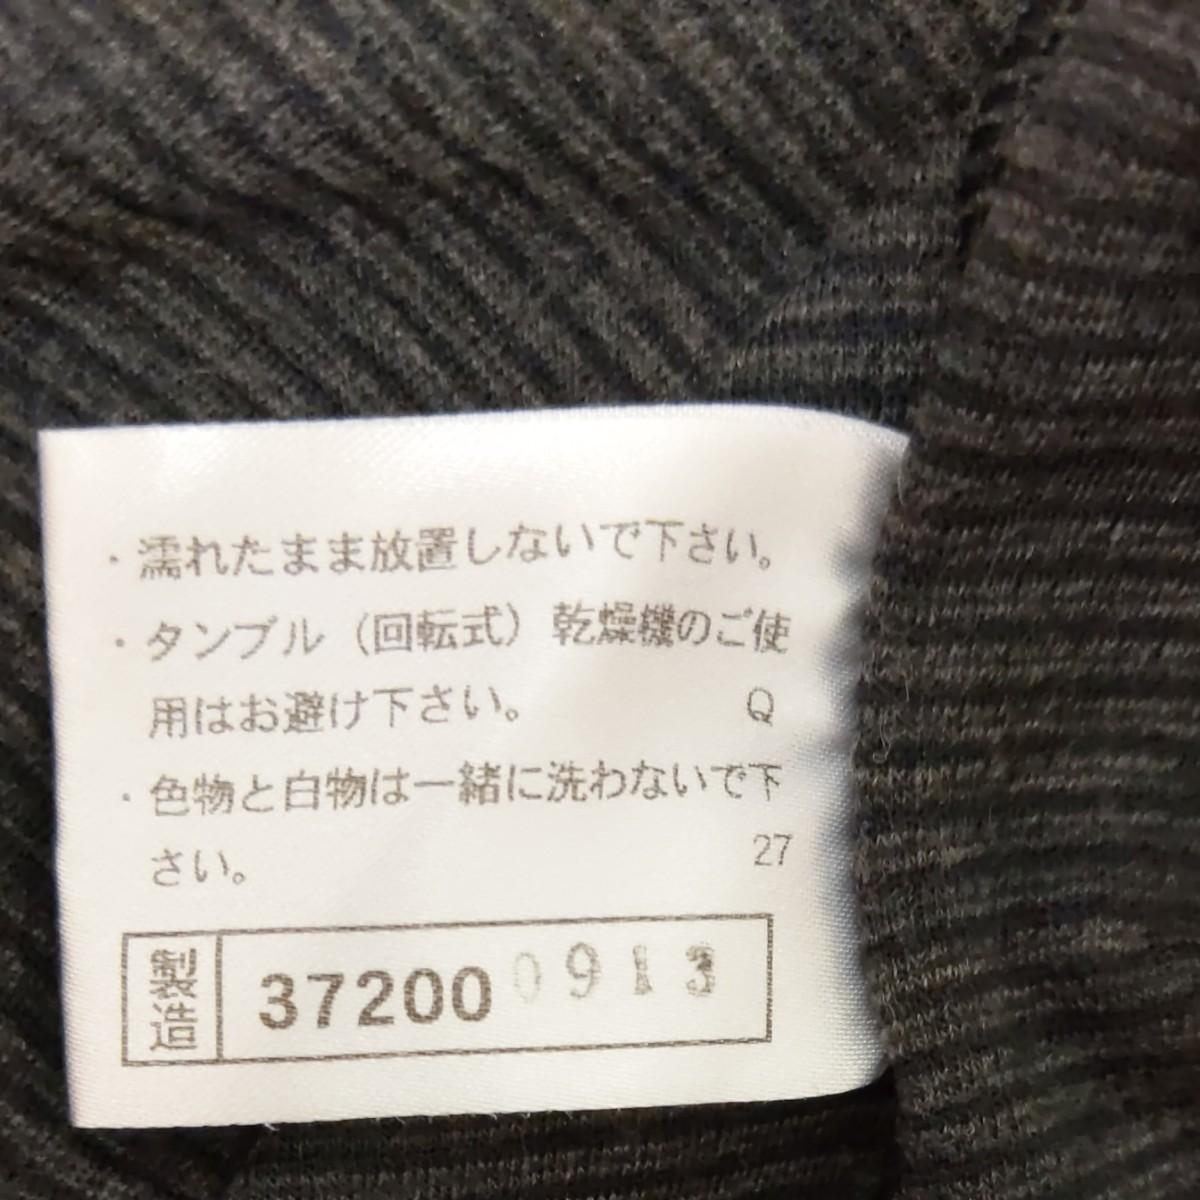 お値下げします! 長袖 ハイネックインナーシャツ MIZUNOブレスサーモ